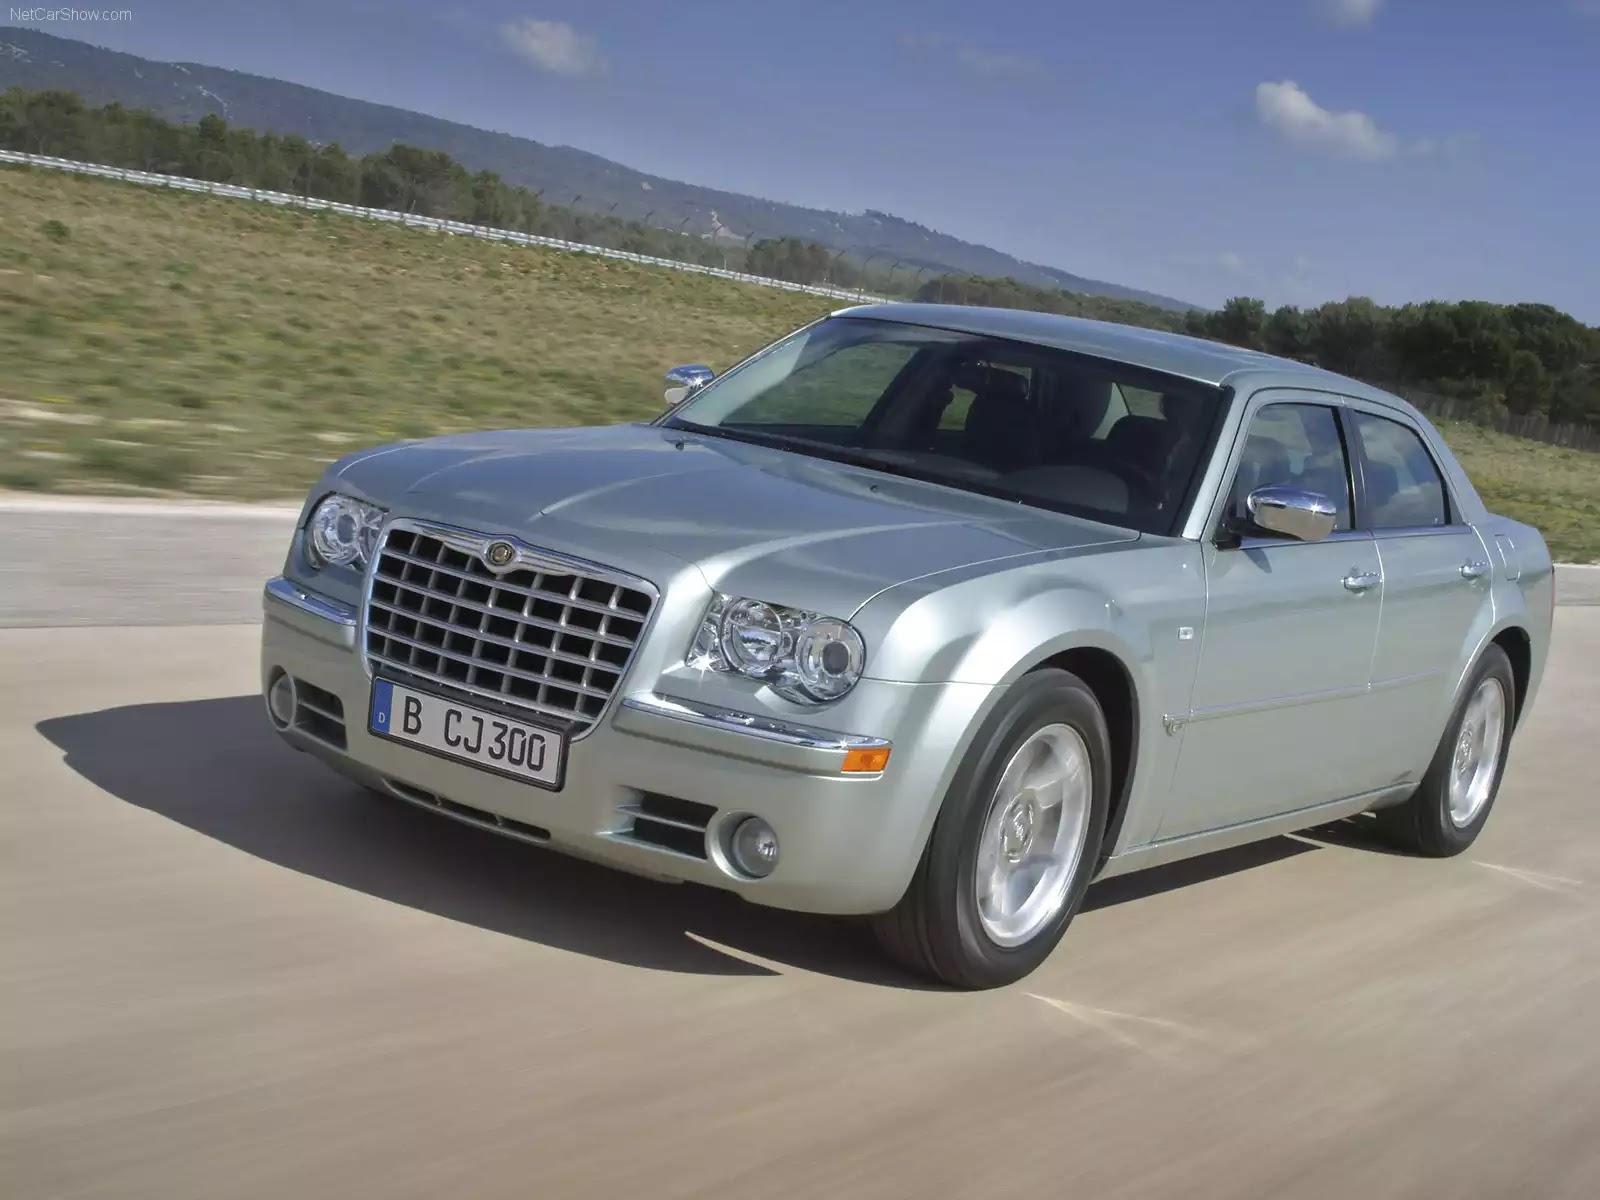 Hình ảnh xe ô tô Chrysler 300C 2005 & nội ngoại thất